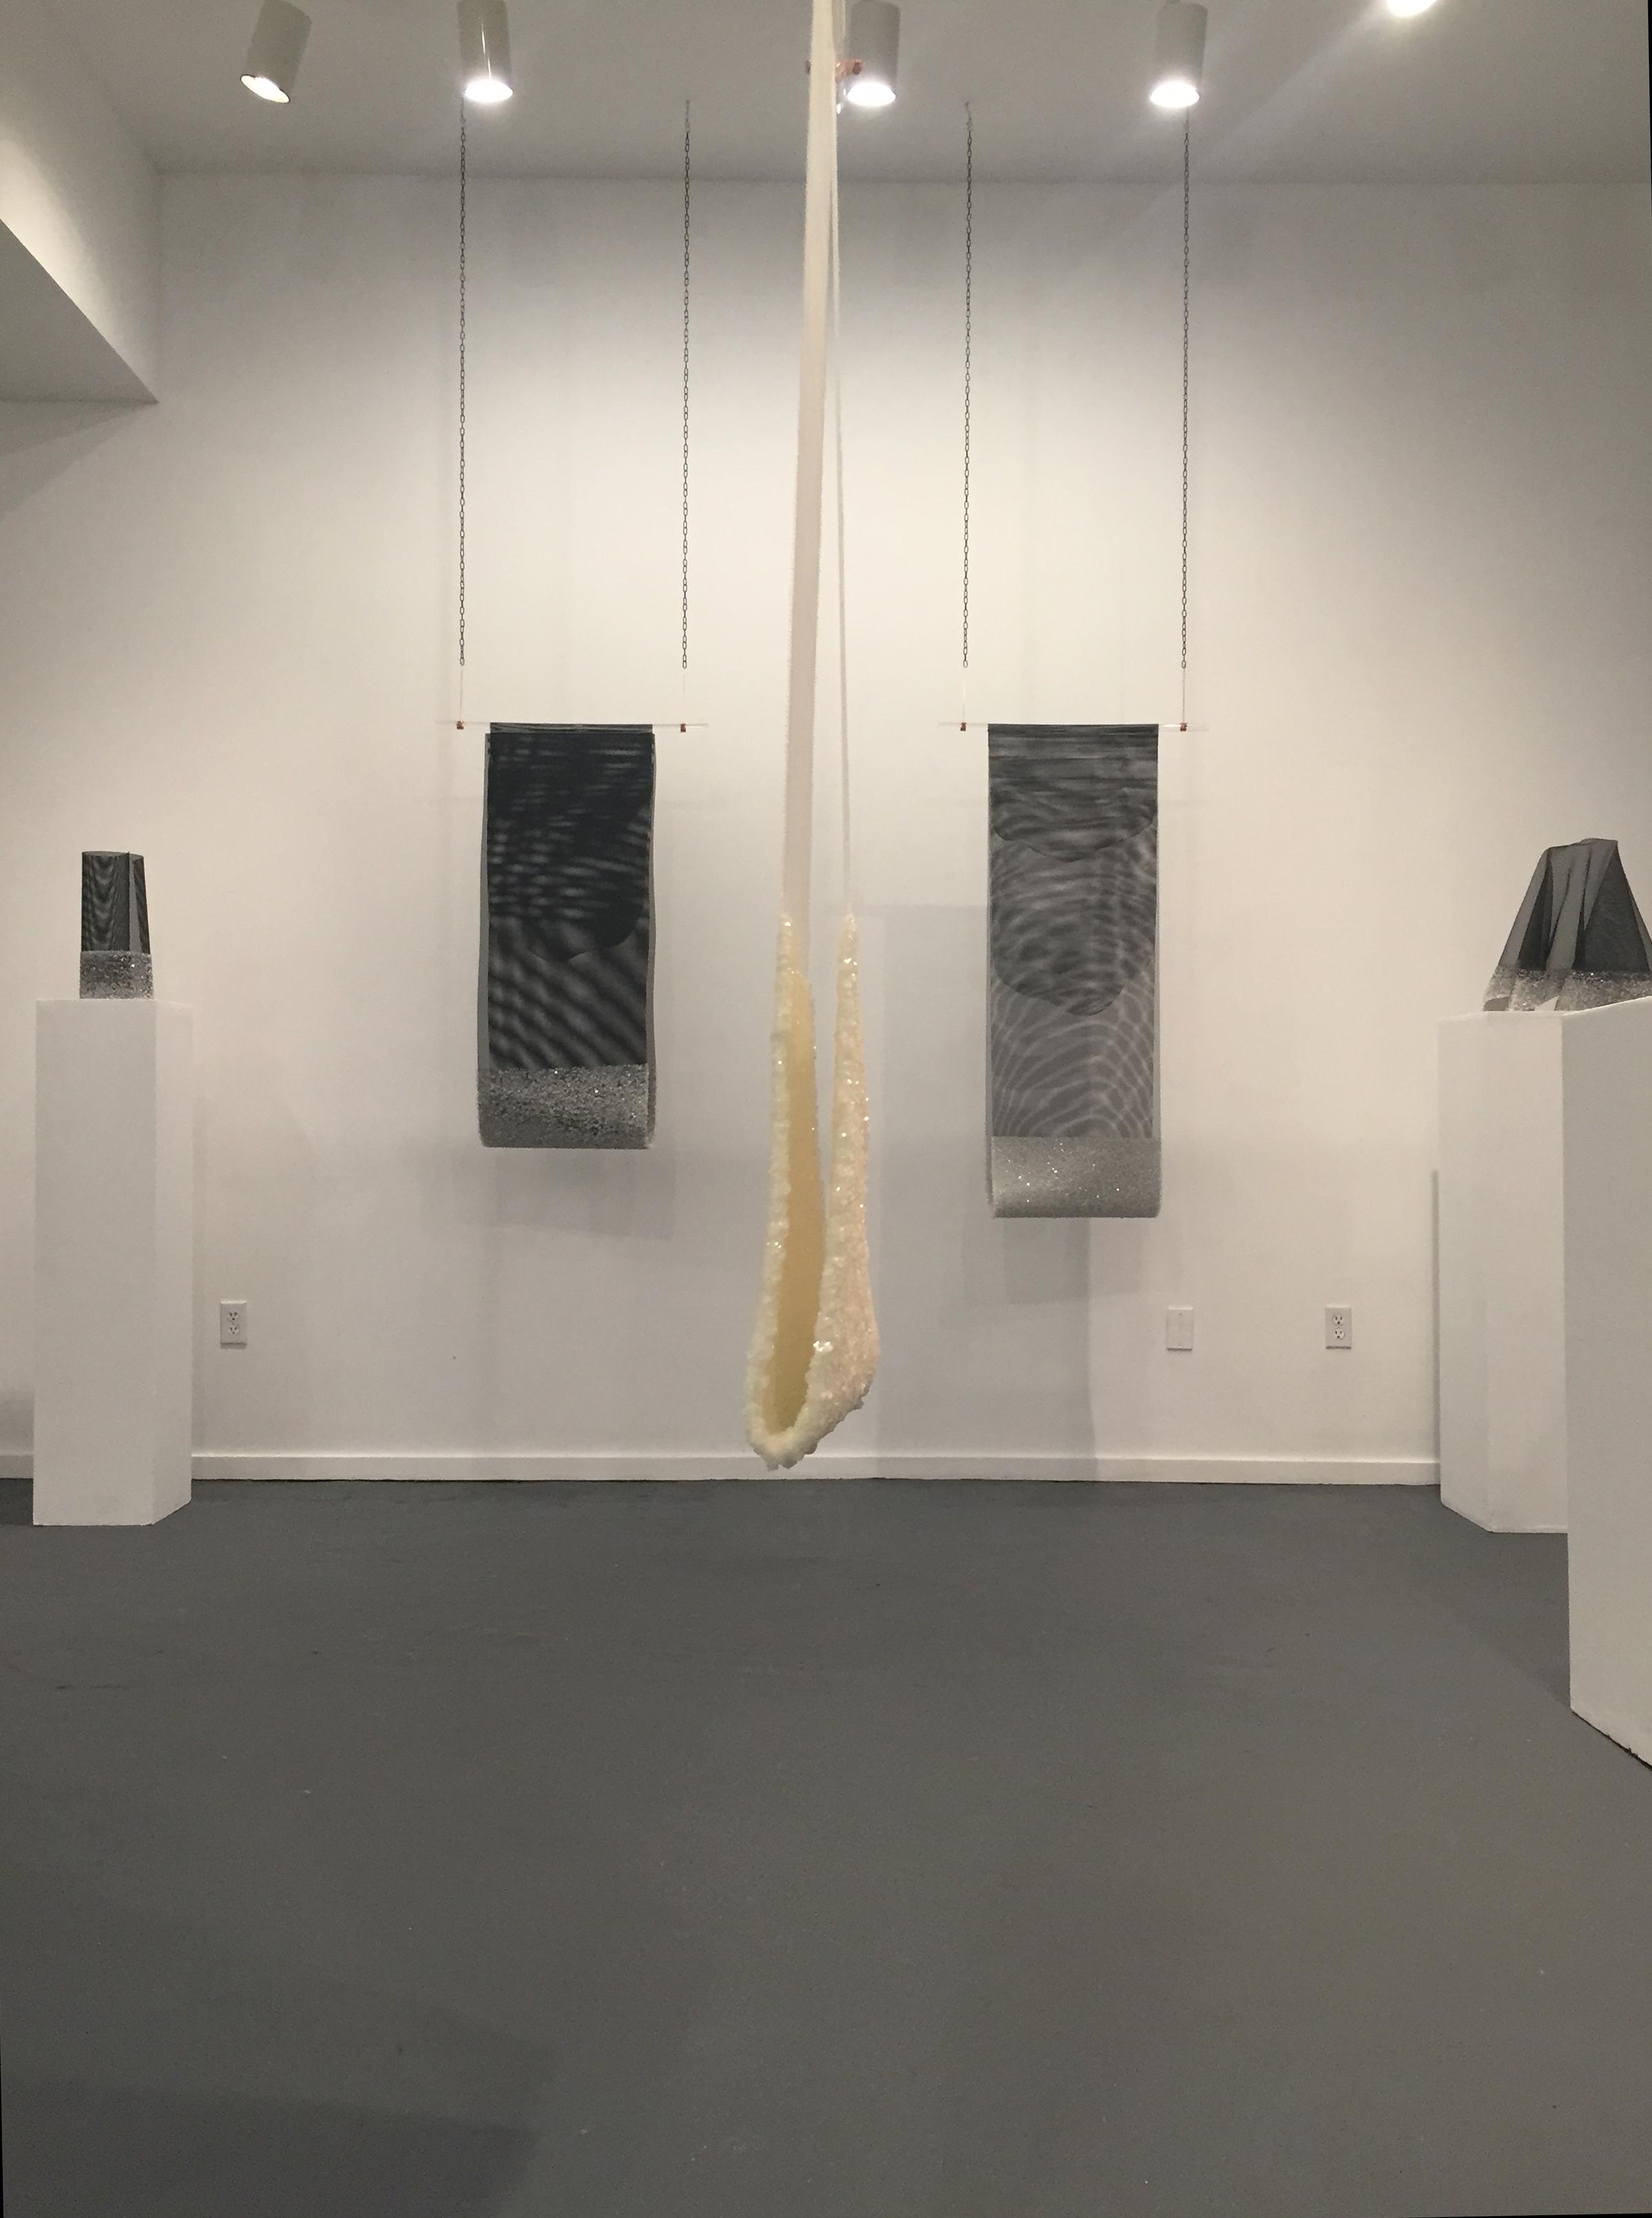 Alexis Arnold, Scintillating Scotoma series